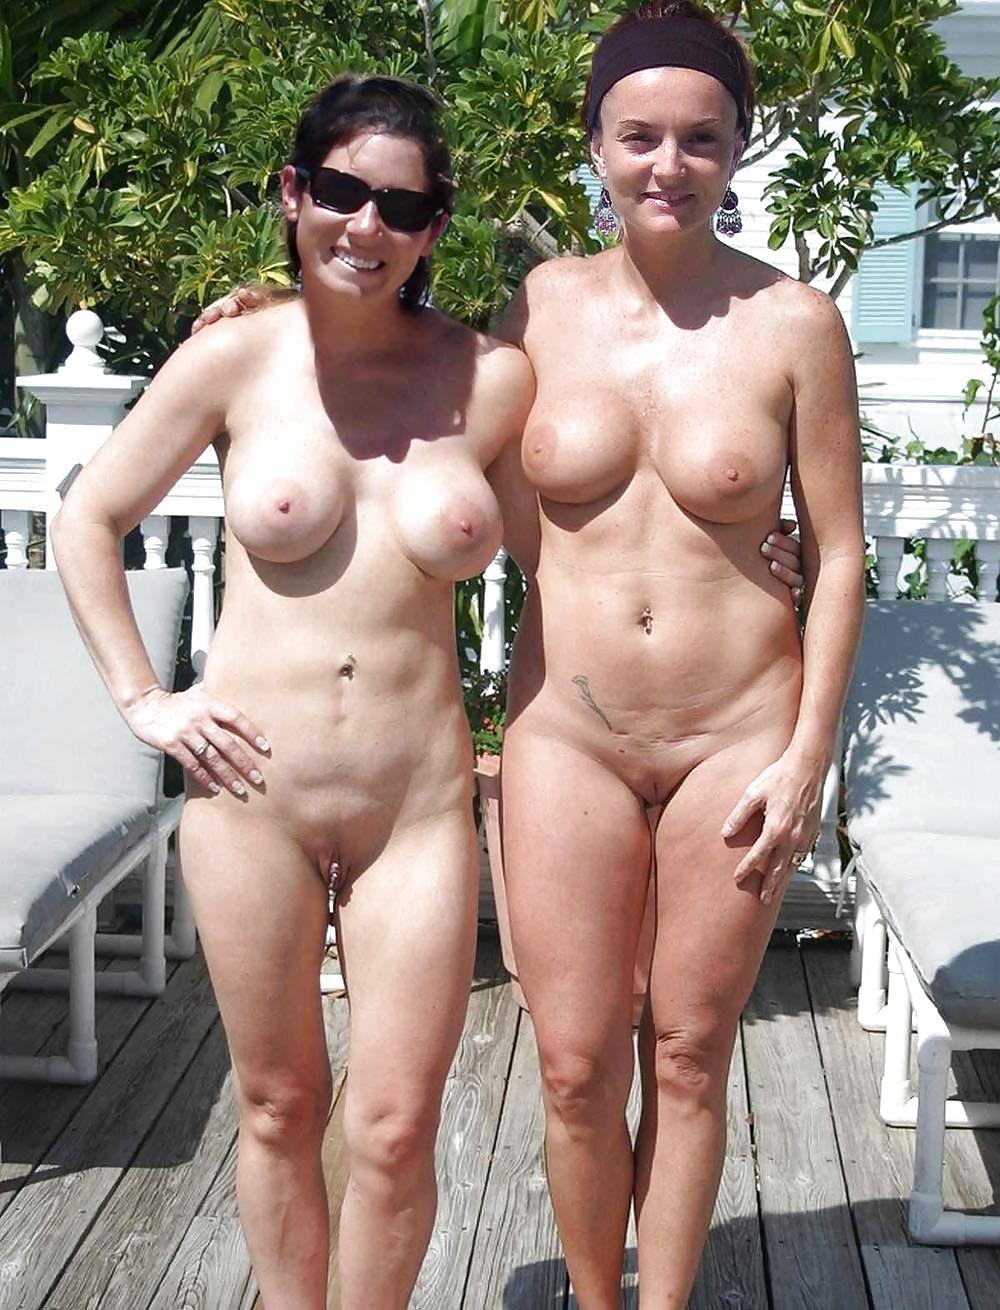 Abuleas nudistas y calientes senora de las cuatro decadas - 3 part 2